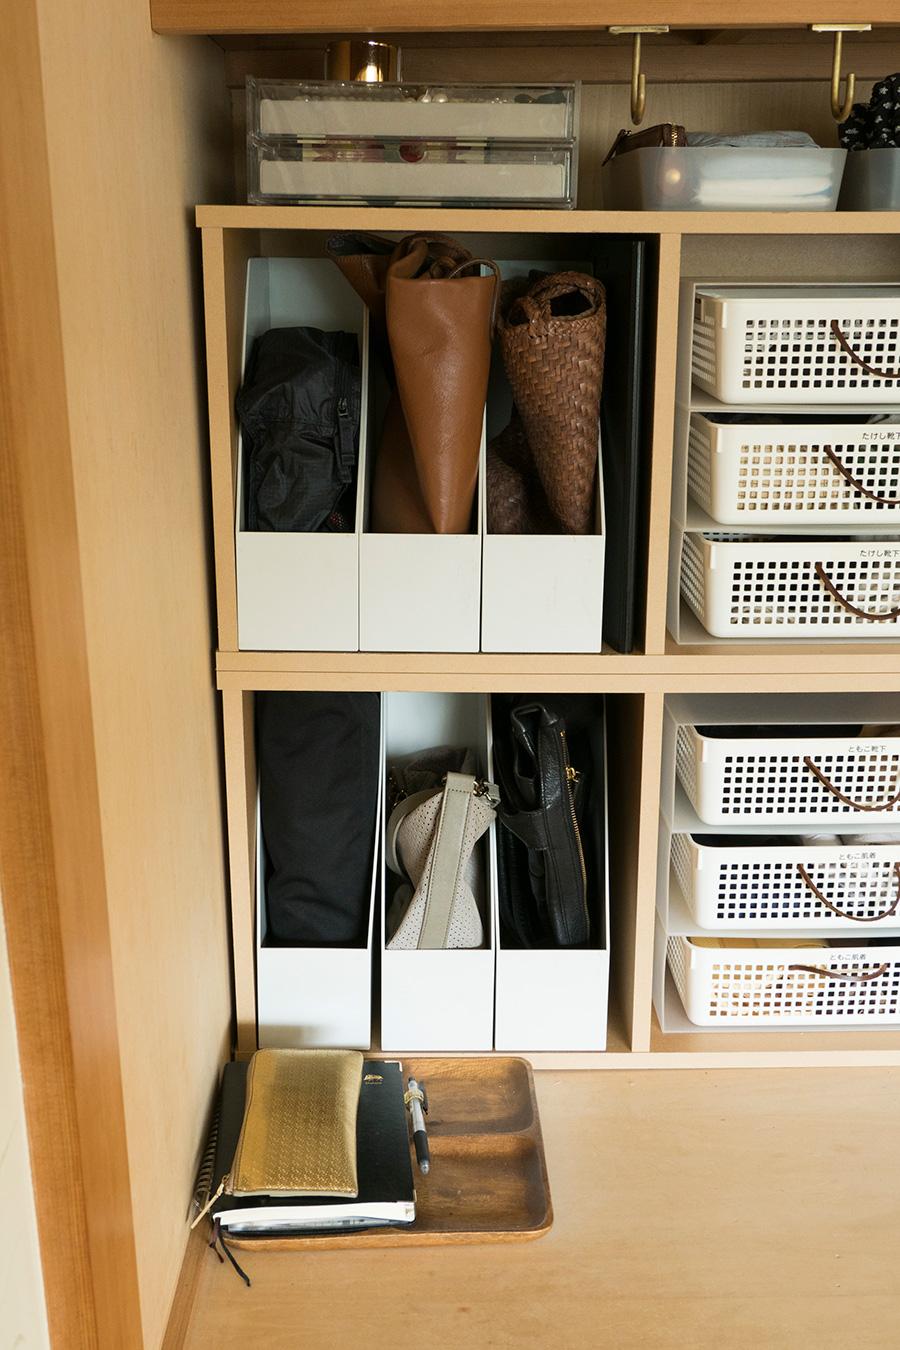 カバンもひとつずつファイルボックスを使用。立たせて保管することができる。